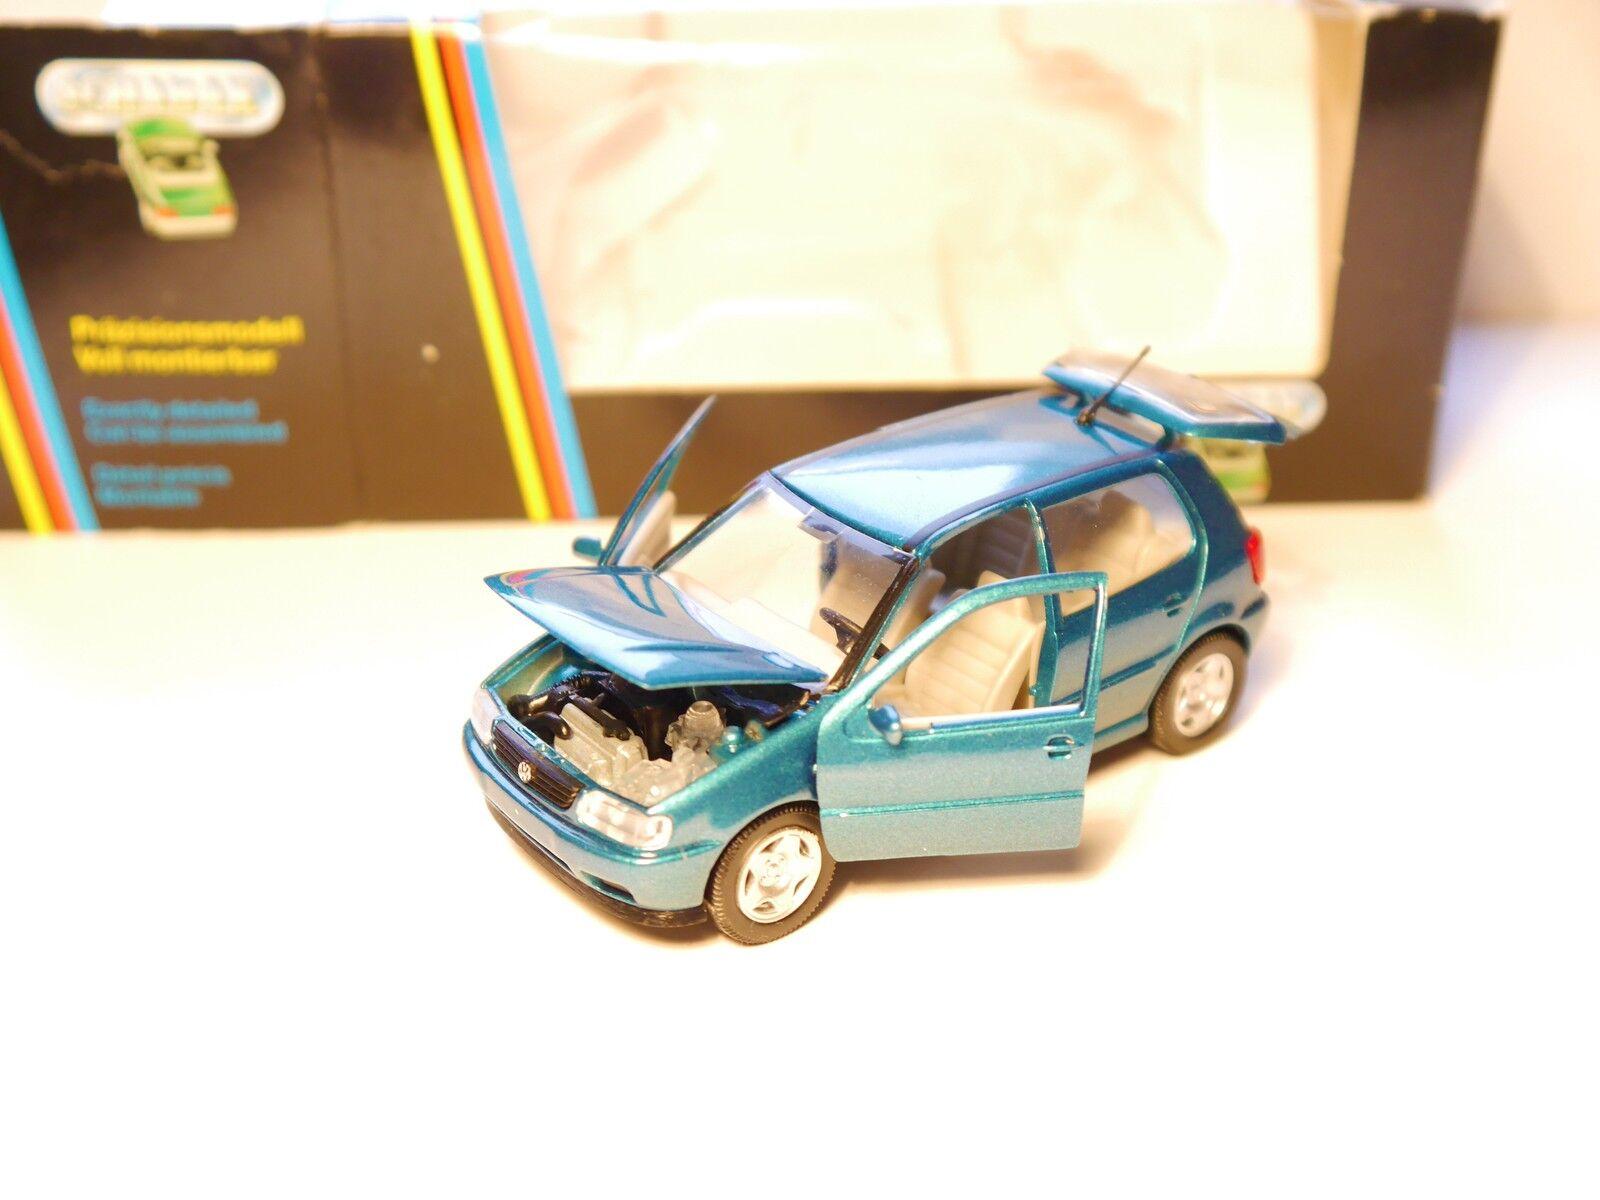 Volkswagen VW Polo Type 6n 5 porte en vert vert metallic, SCHABAK en 1 43 en boîte